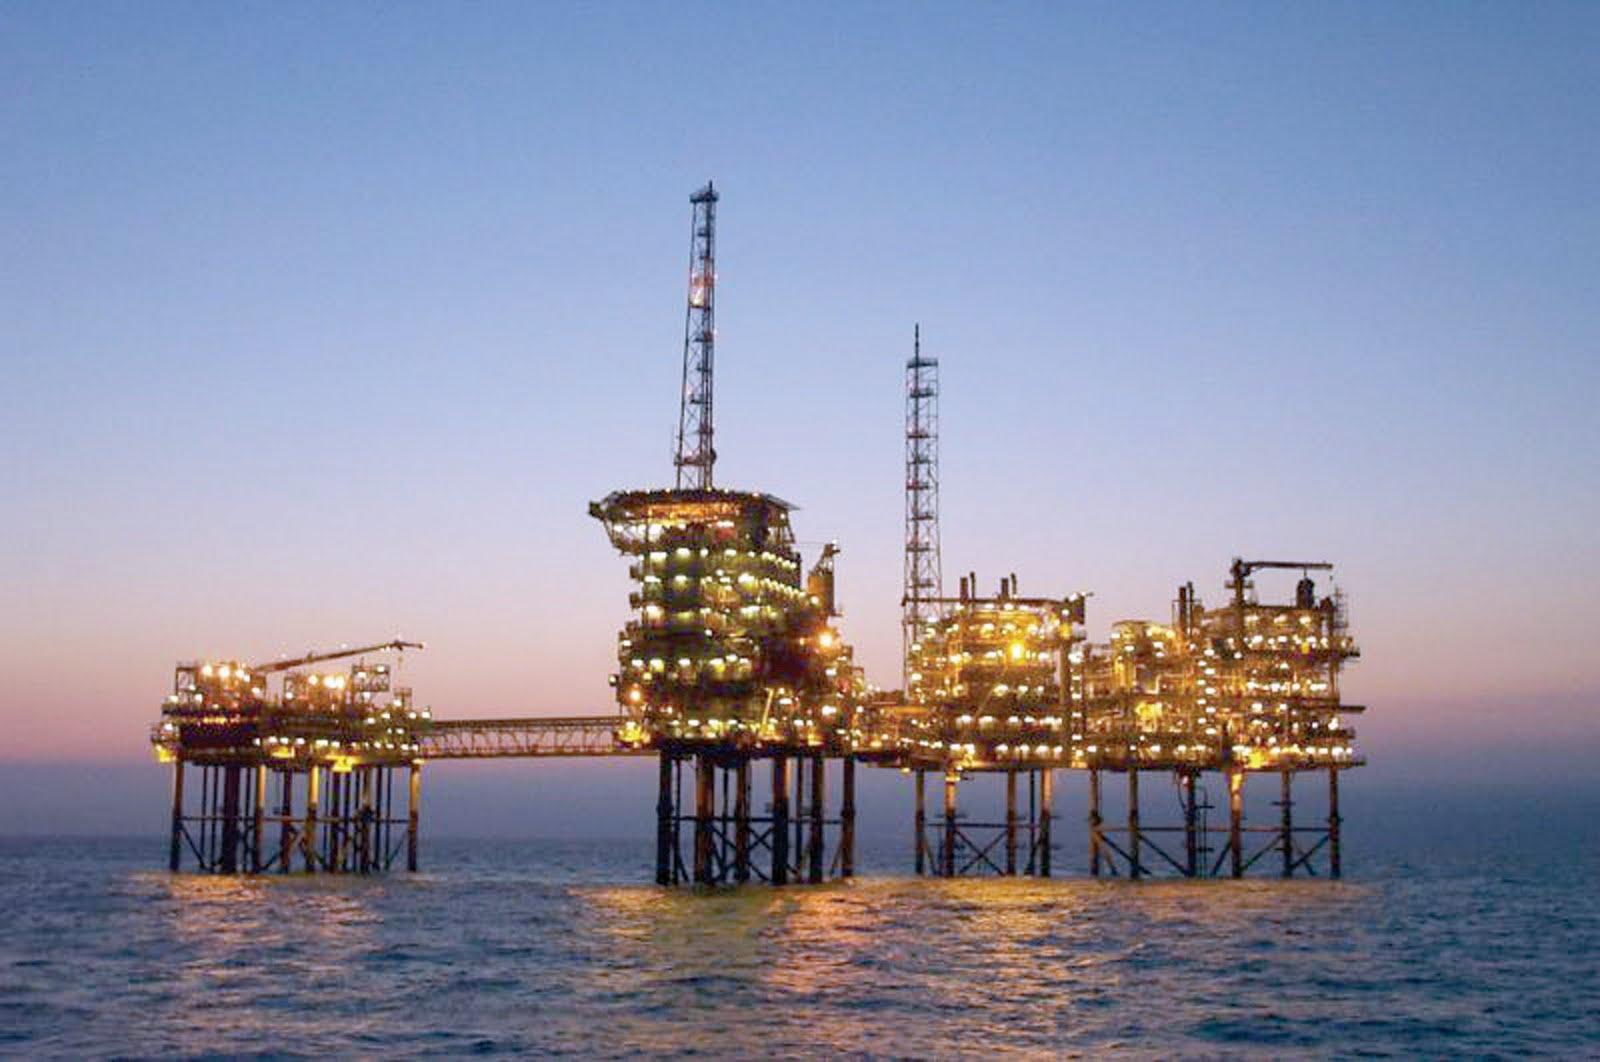 Saiba mais sobre a Engenharia do Petróleo